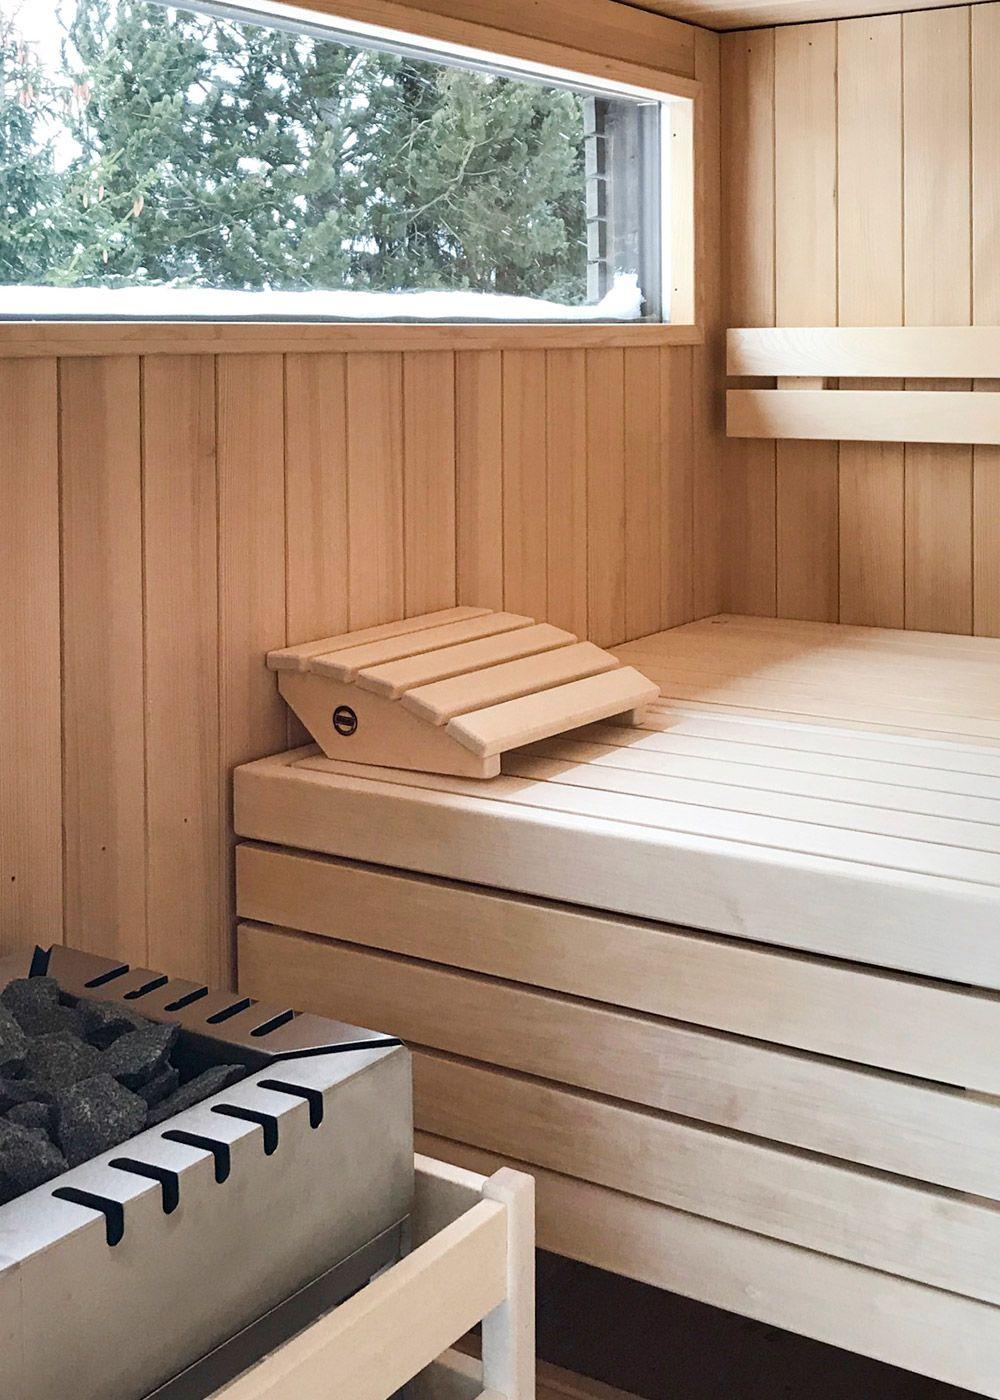 Individuelle Koerner Sauna Modus Mit Outdoor Paket Und Grossem Fenster Fur Einen Traumhaften Ausblick Sauna Sauna Ideen Outdoor